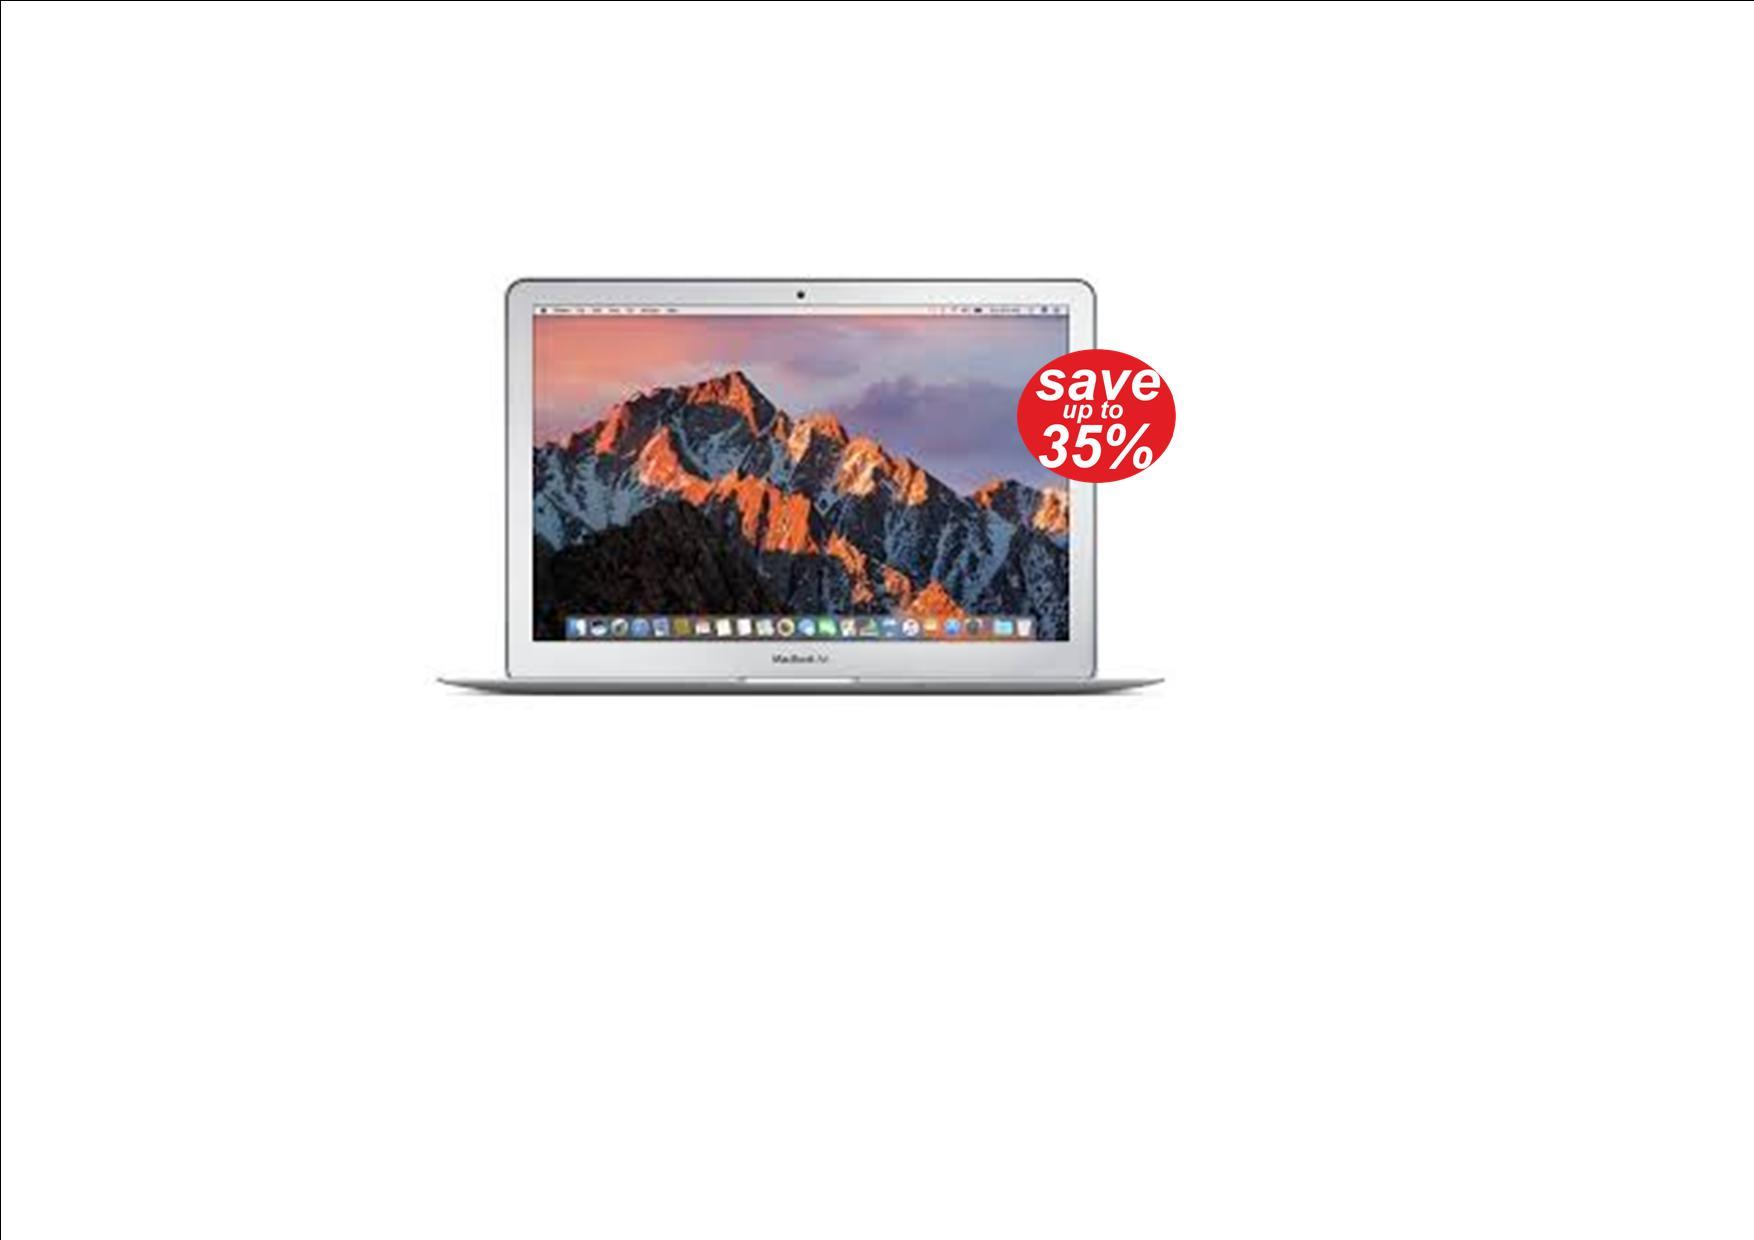 Macbook Air Mid-2013 13